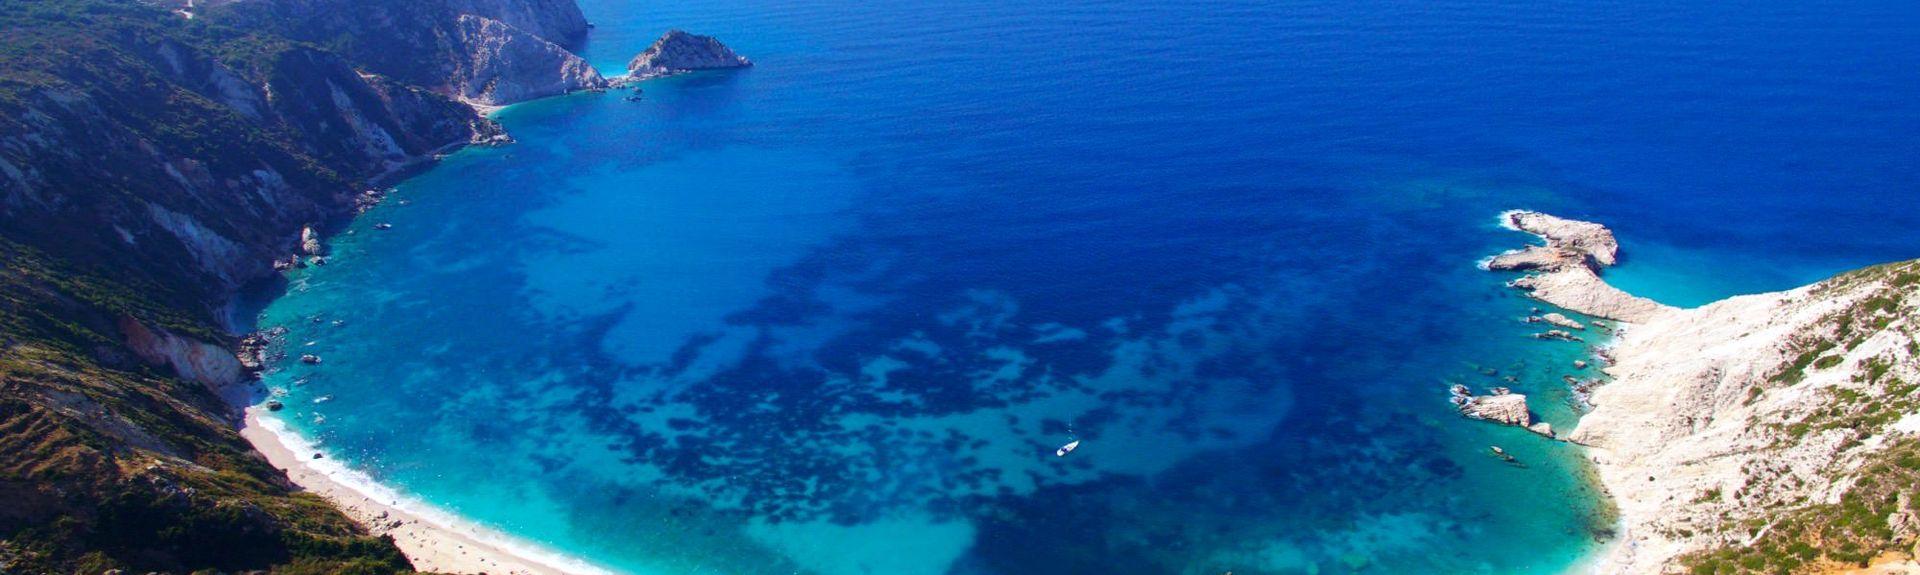 Livathou, Greece